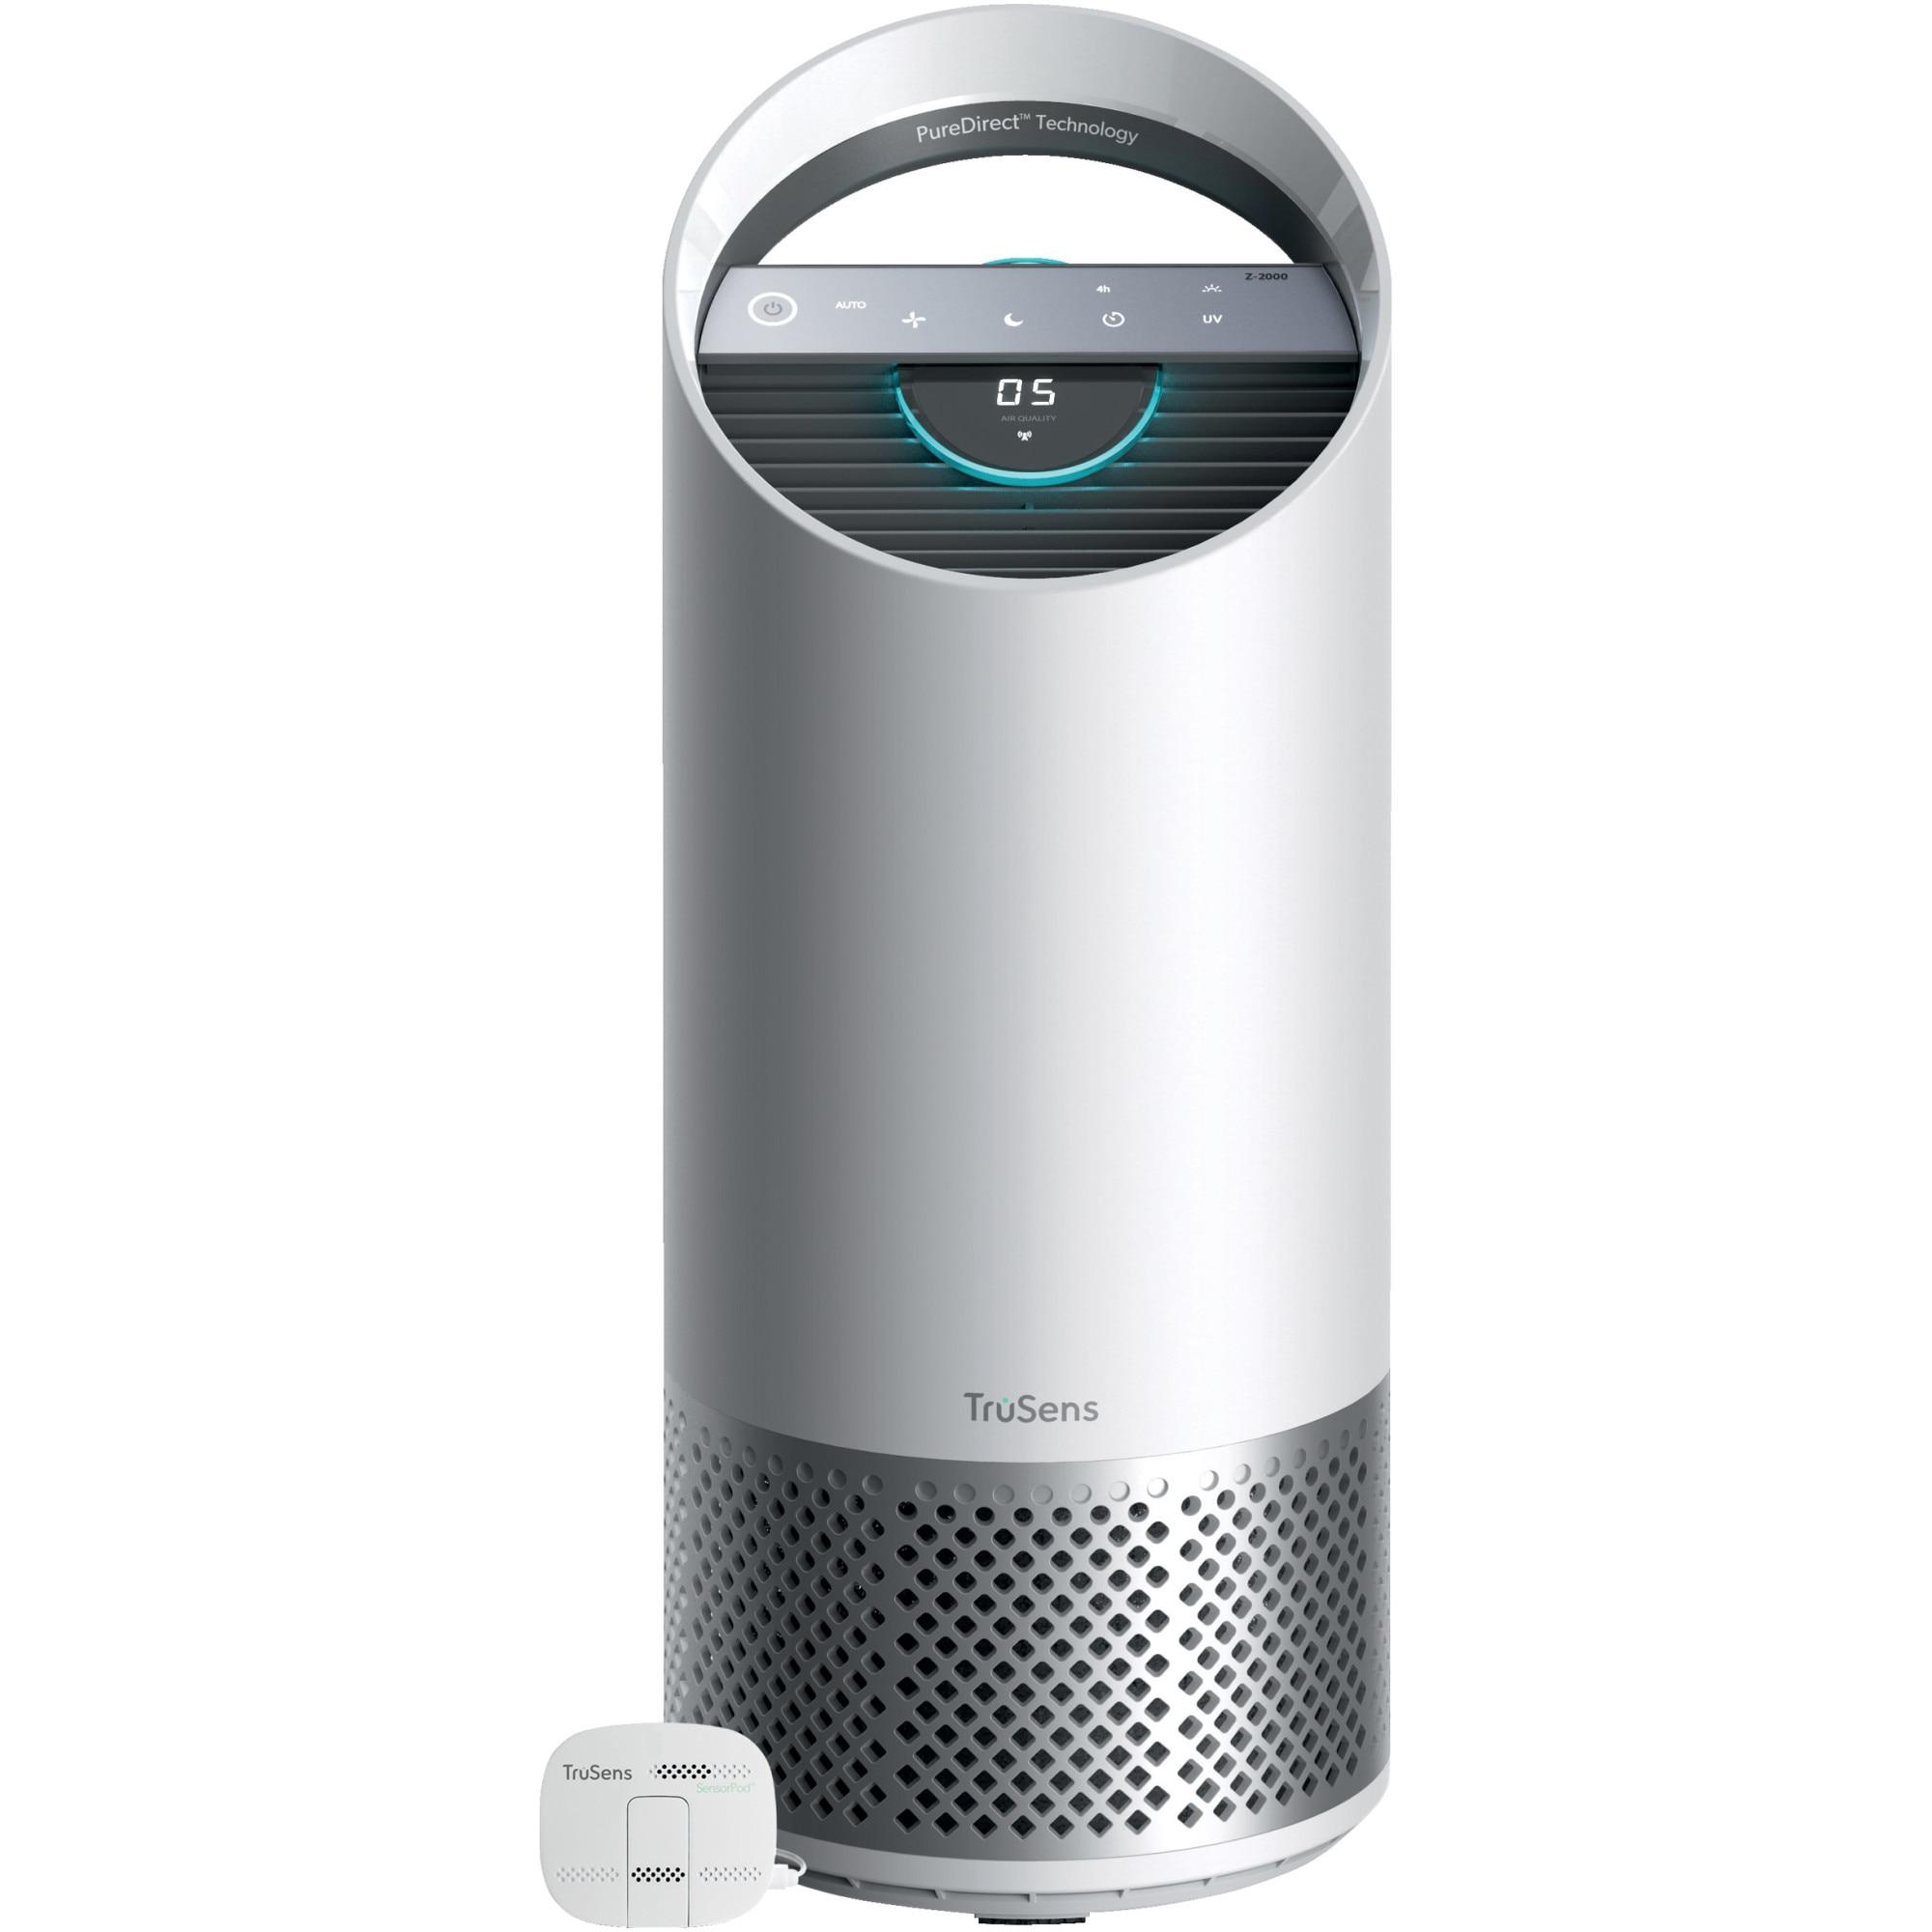 Fotografie Purificator aer Leitz TruSens™ Z-2000 cu SensorPod™ pentru monitorizare calitate aer, doua fluxuri de aer, sterilizare UV, filtre DuPont carbon si HEPA360, 35m², indicator schimb filtre, display touch, silentios, timer, mod de noapte, alb